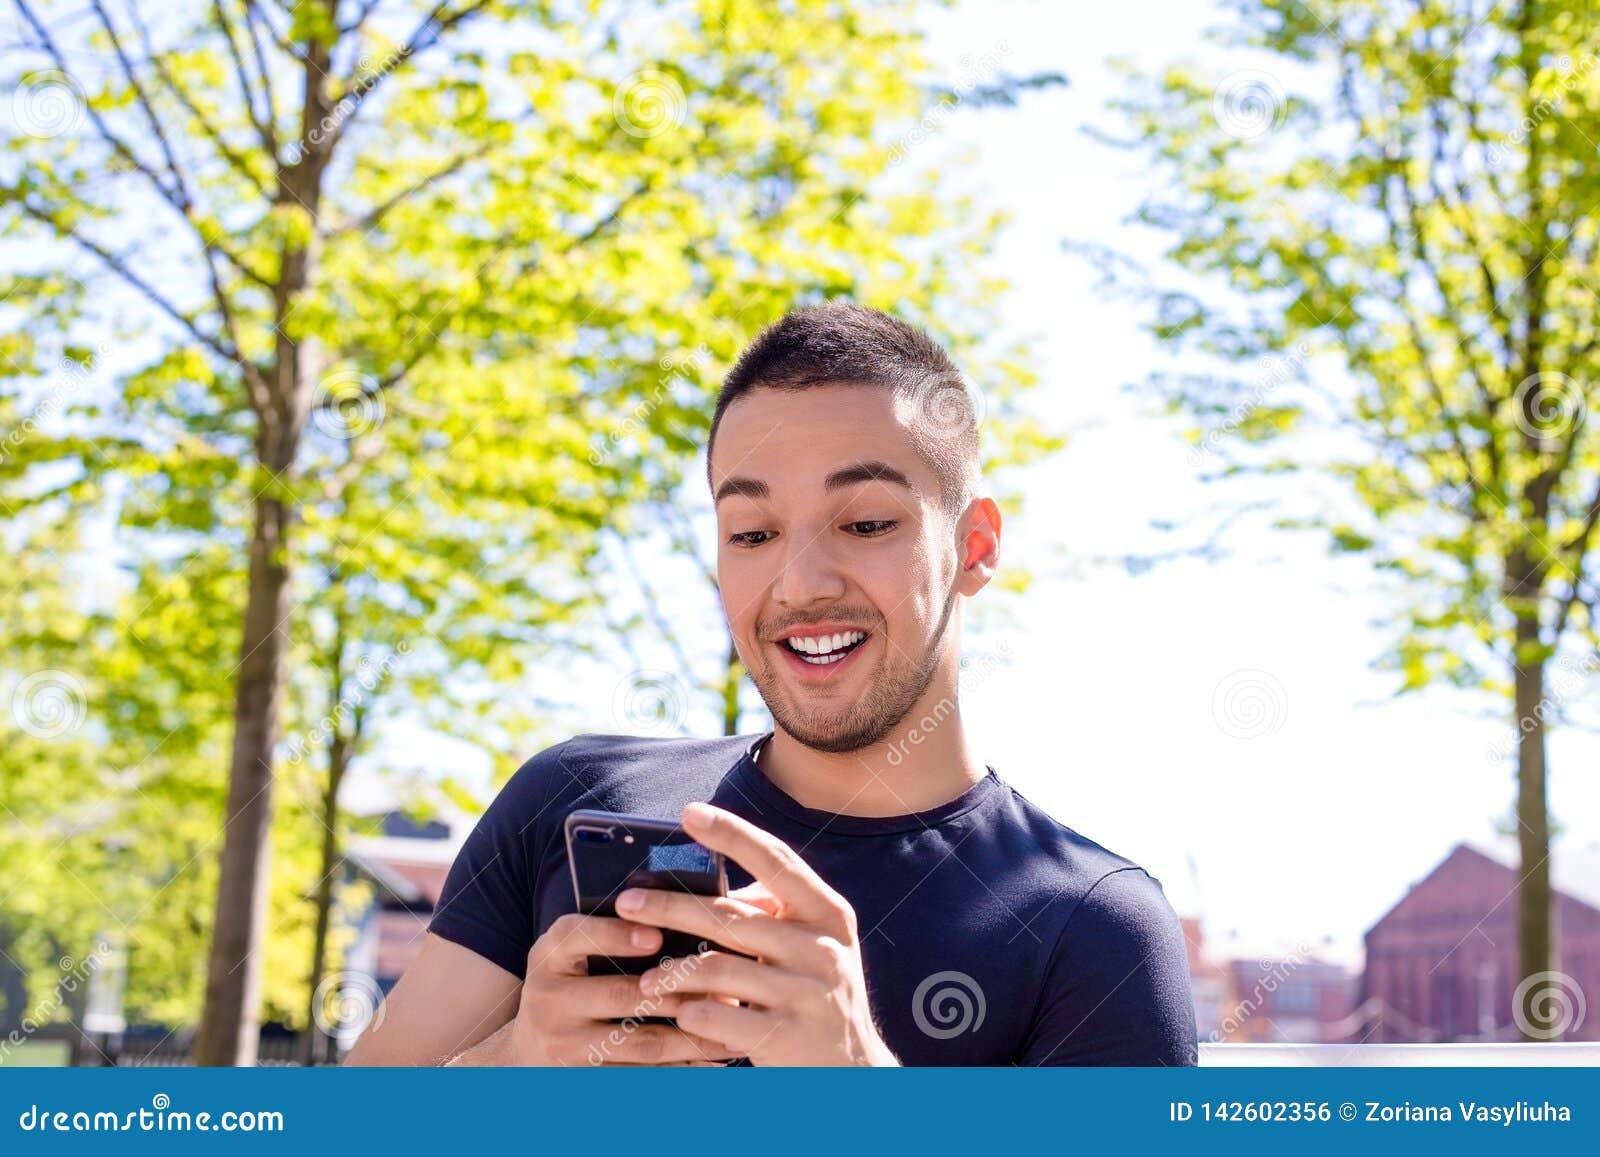 Adolescente alegre que juega a juegos en smartphone durante resto al aire libre